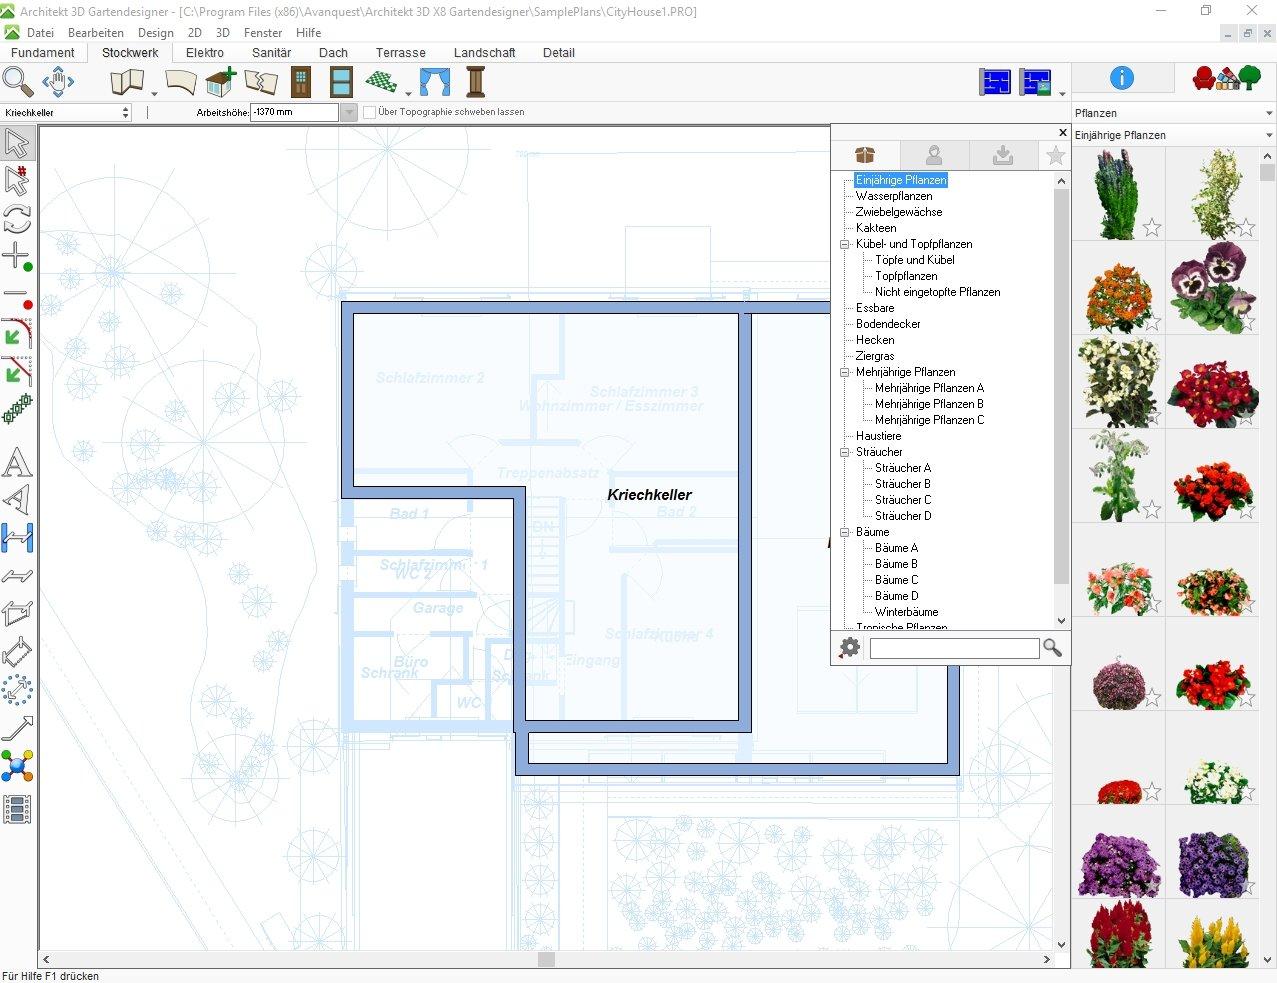 Architekt 3D X8 Gartendesigner: Amazon.de: Software